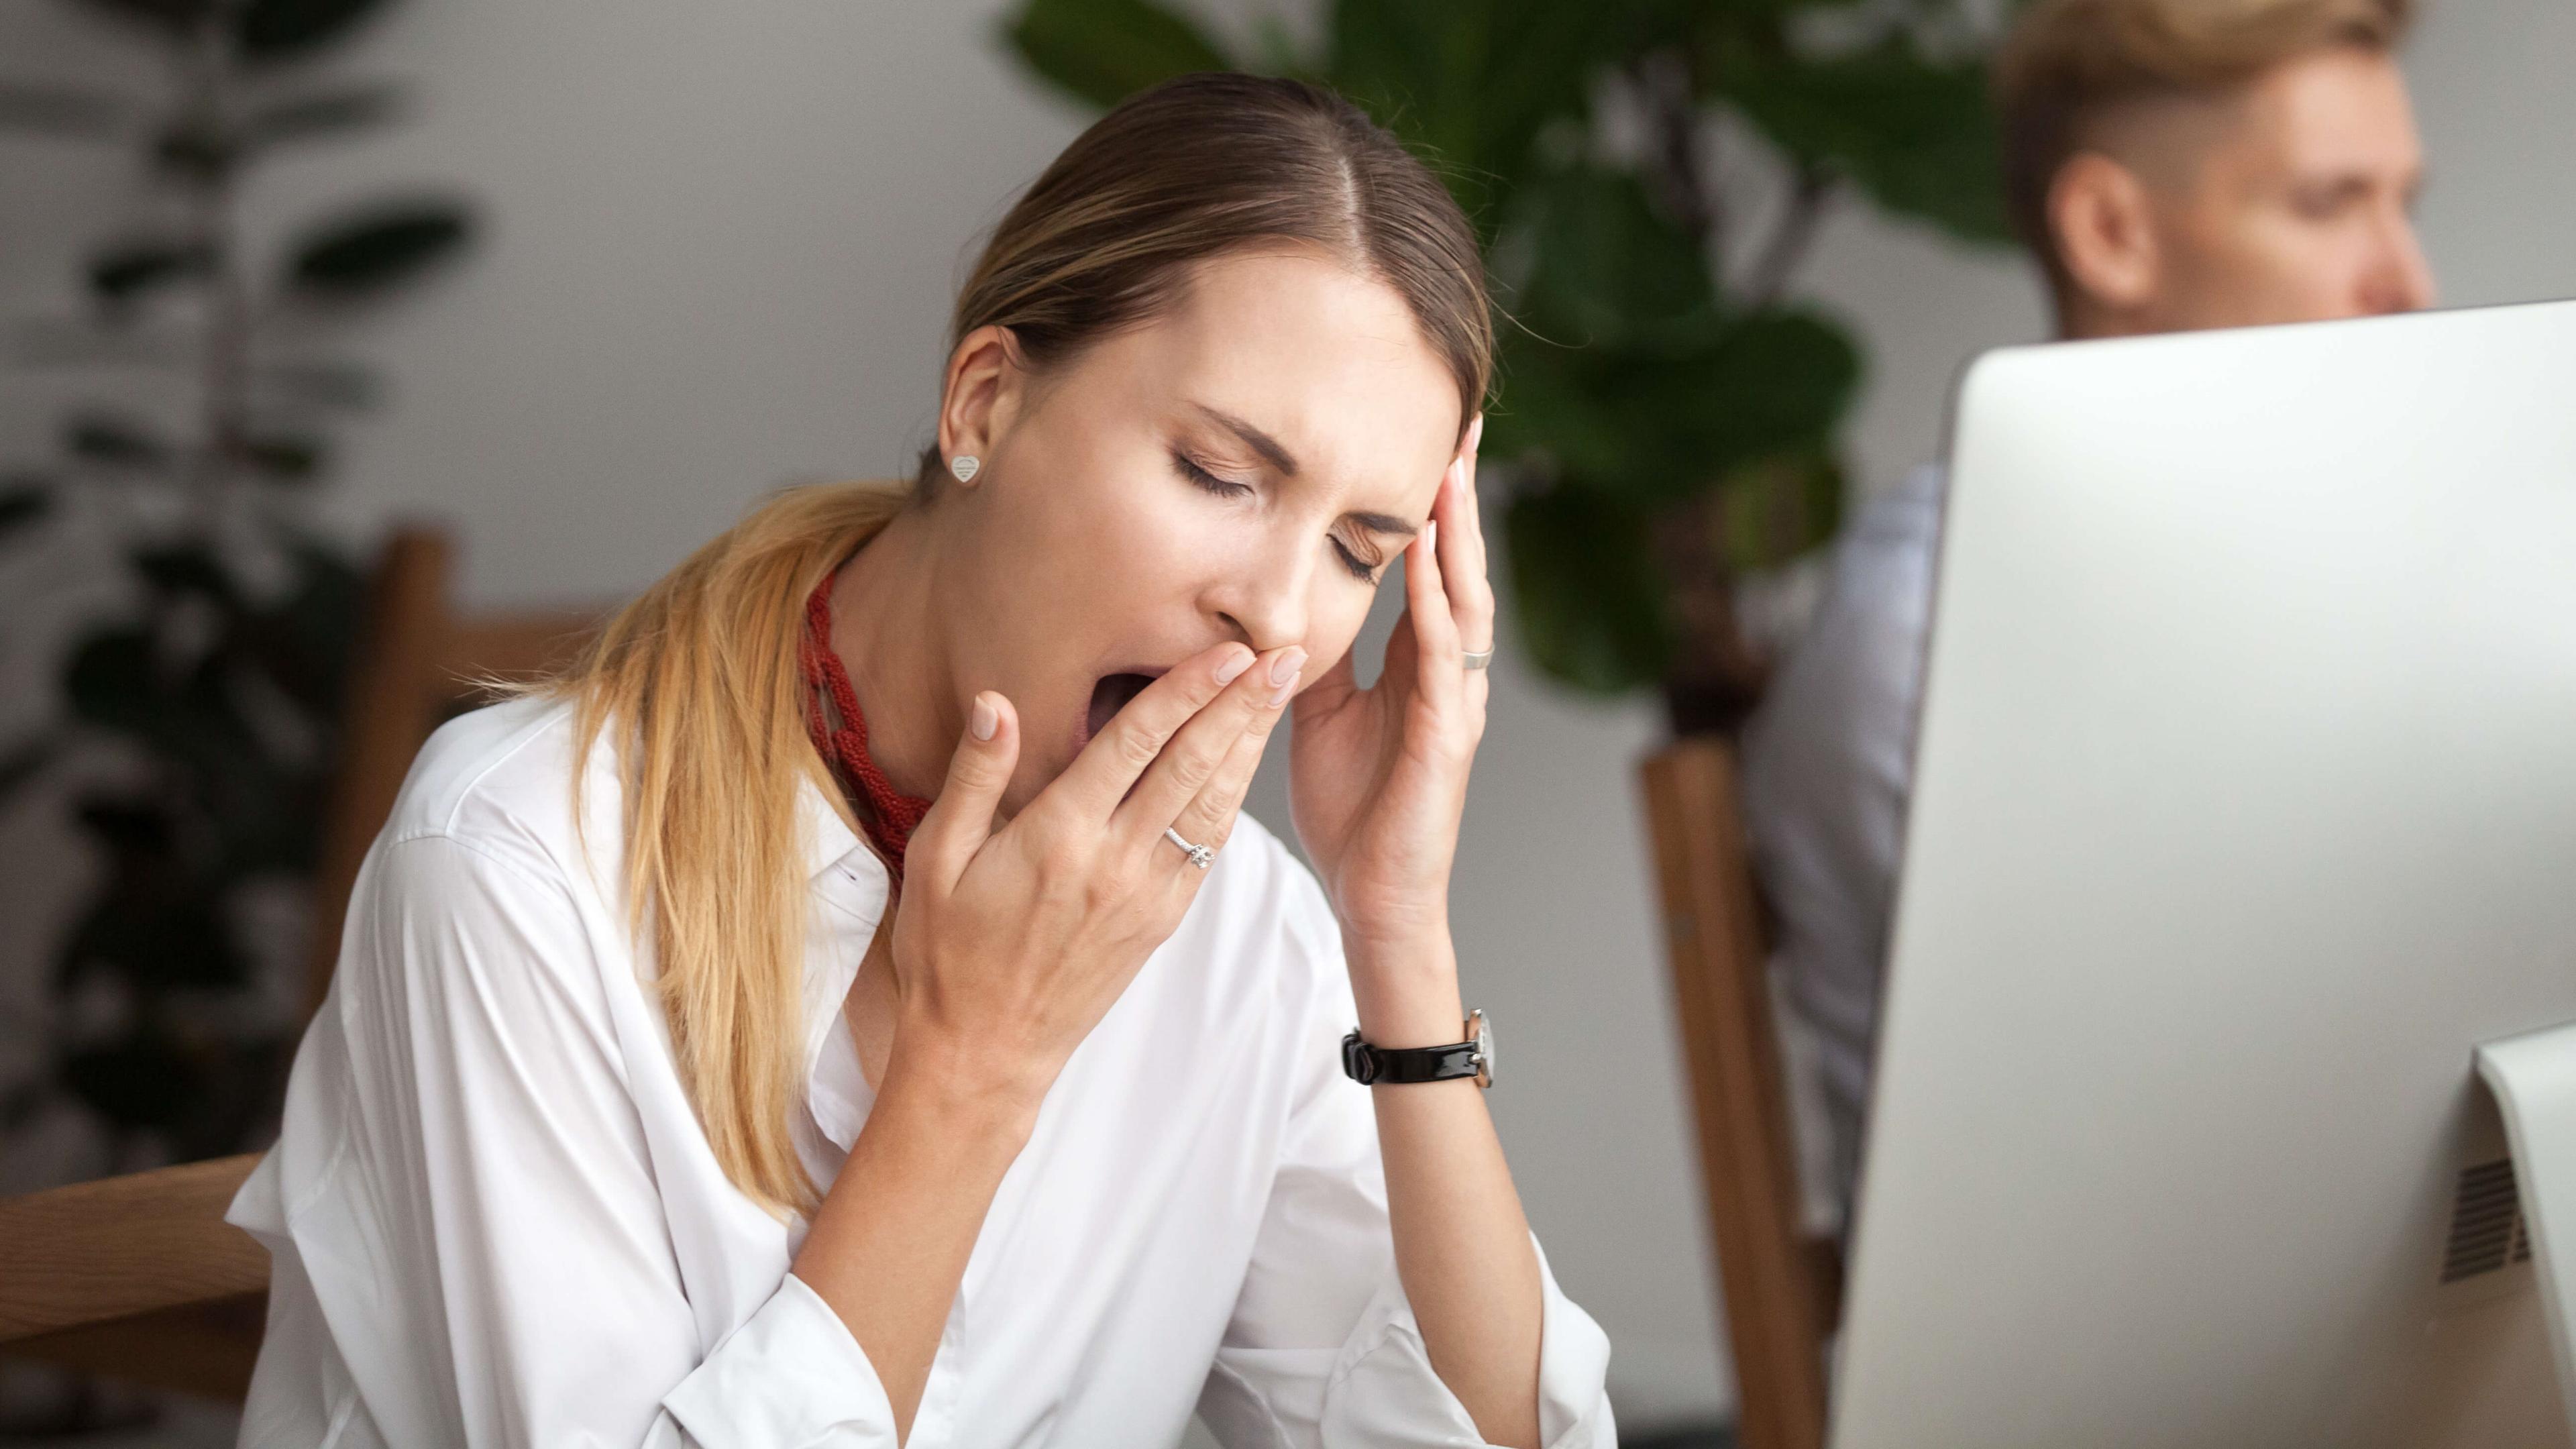 Регулярное недосыпание: чем оно опасно, какие последствия могут быть